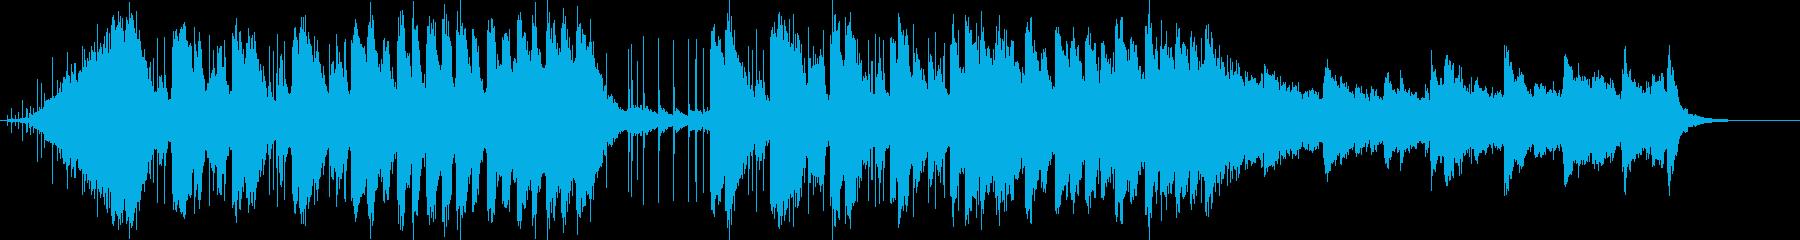 劇伴/ゲーム系!和風ピアノ・ストリングスの再生済みの波形